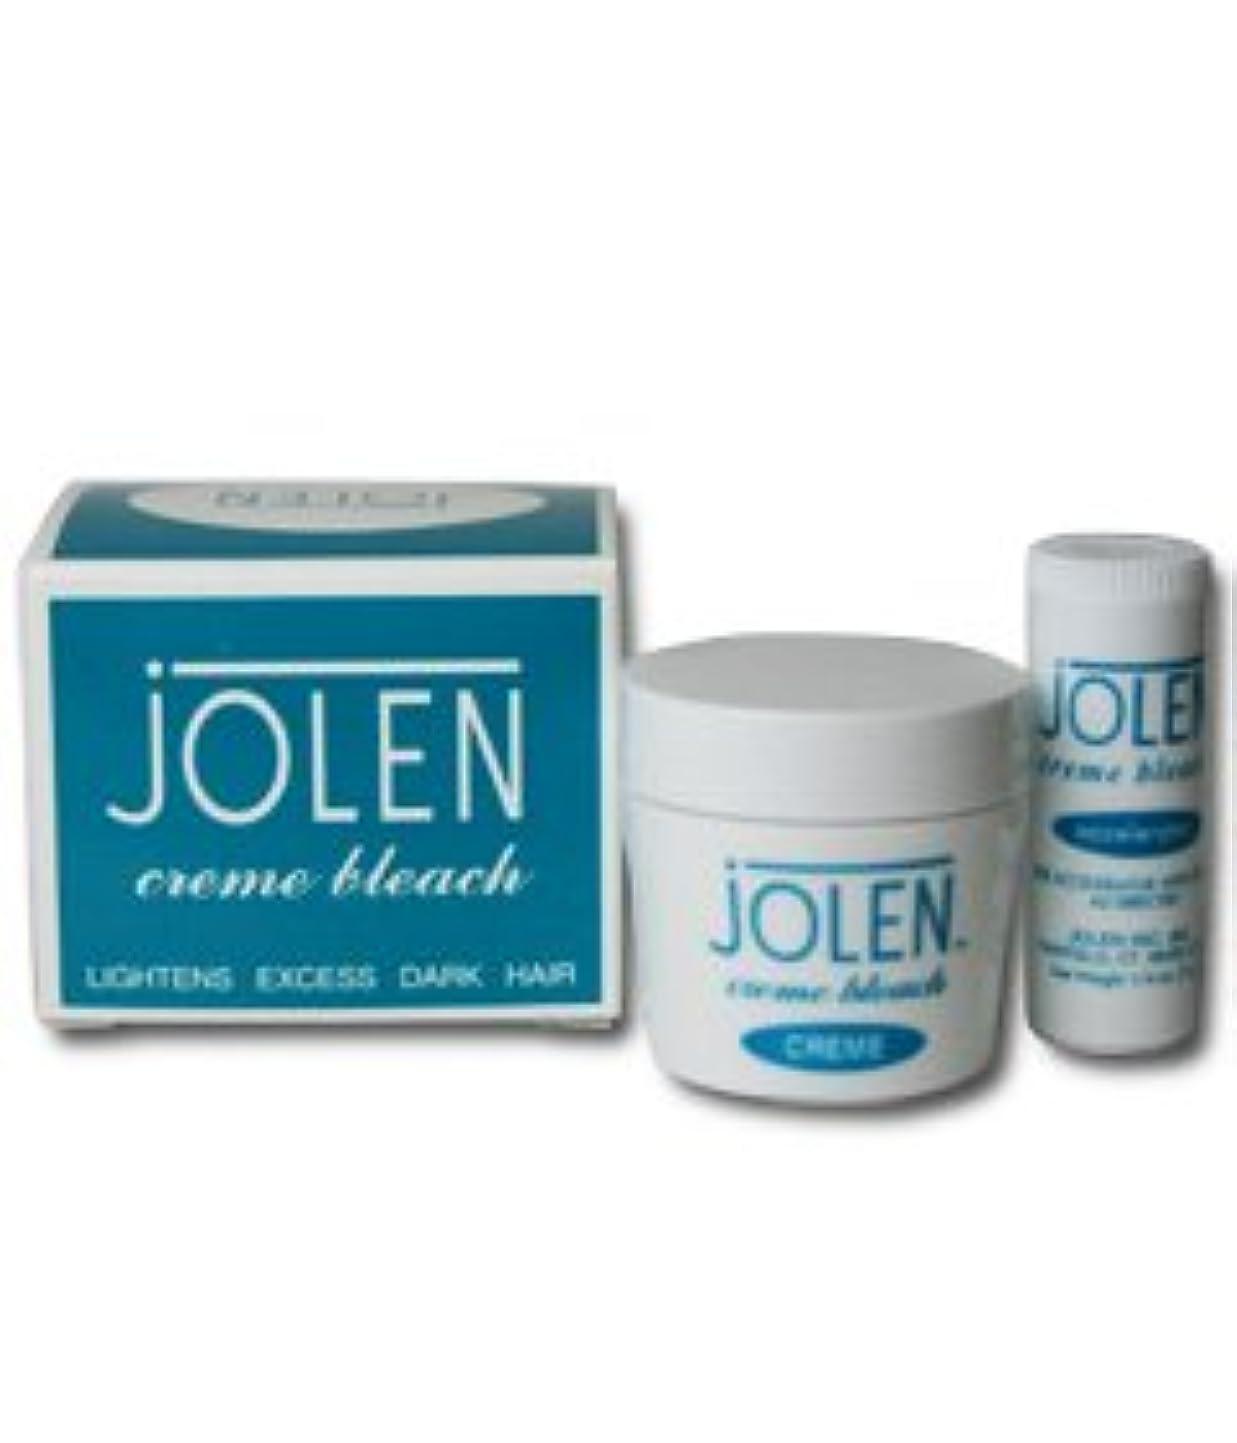 ドメインフィッティングくすぐったいJOLEN (ジョレン)  クリームブリーチ(海外発送商品)